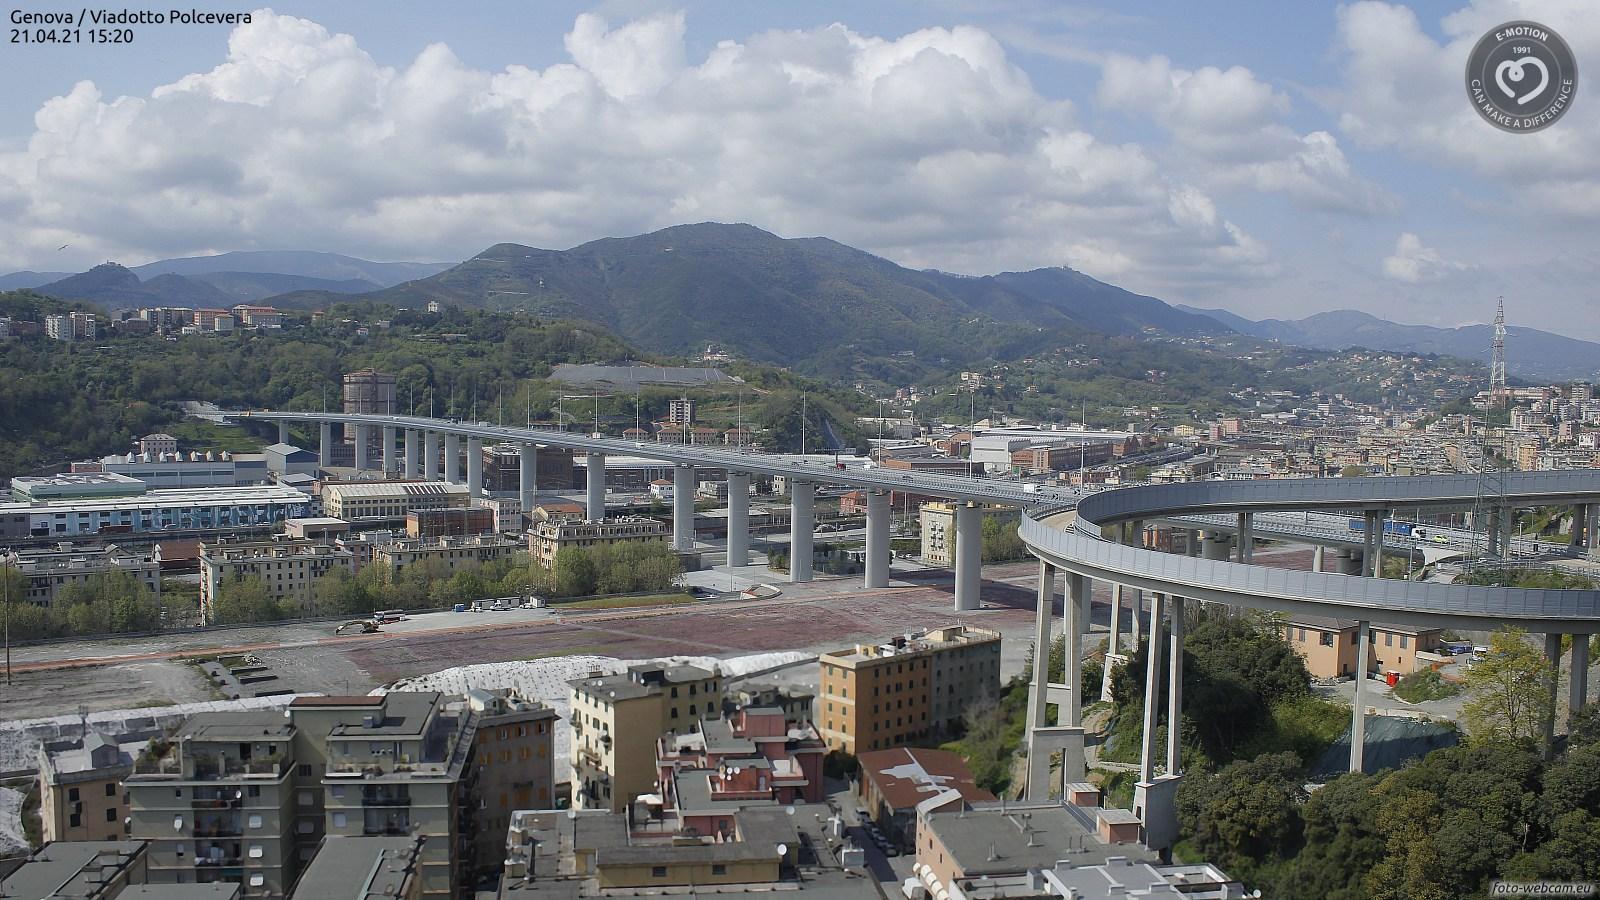 Viadotto San Giorgio